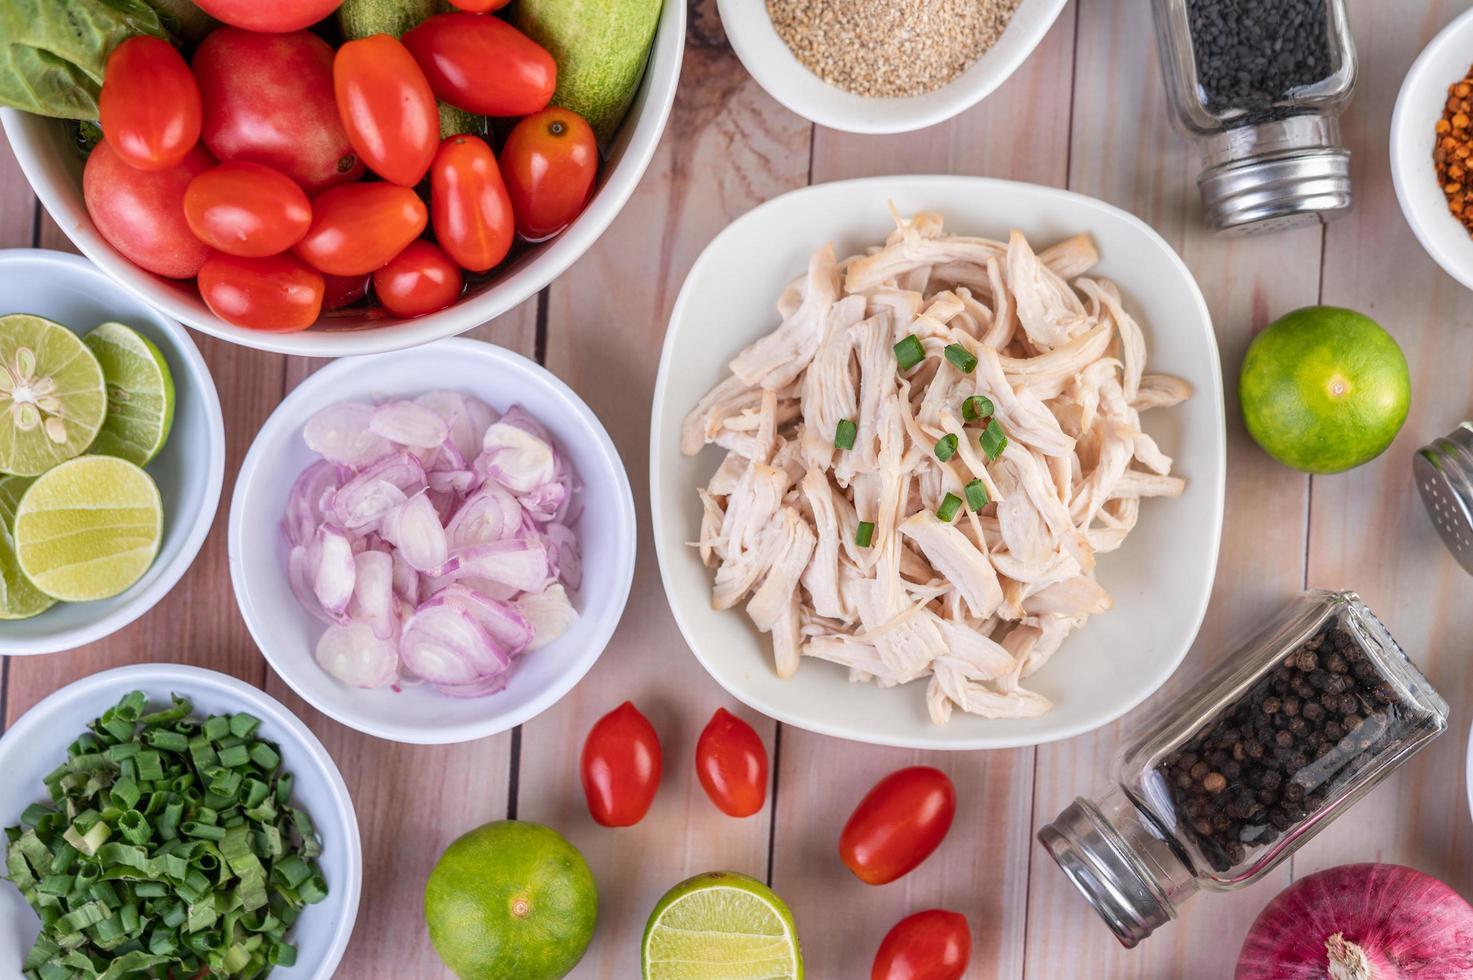 pezzi di pollo bolliti con verdure e spezie su un tavolo di legno foto